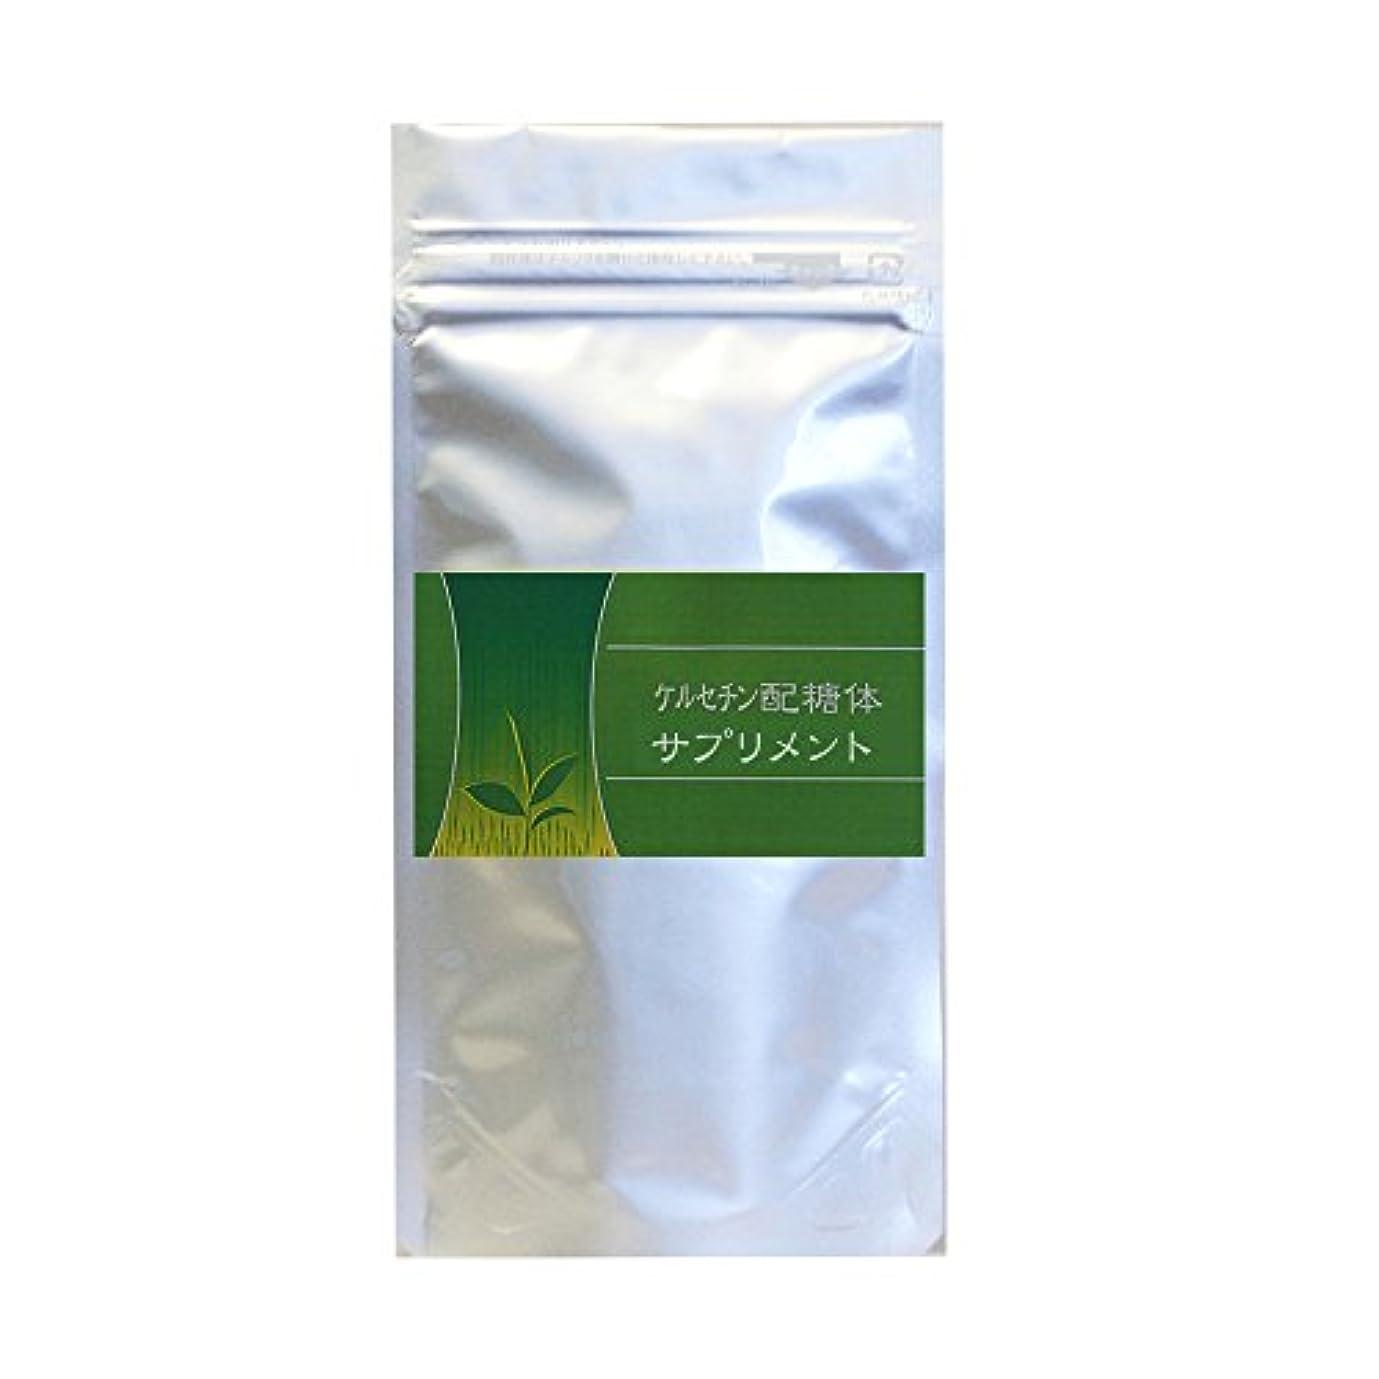 有毒約設定研究所ケルセチン配糖体サプリメント90粒(約1ヶ月分) ケルセチン サプリ カプセル エンジュ由来